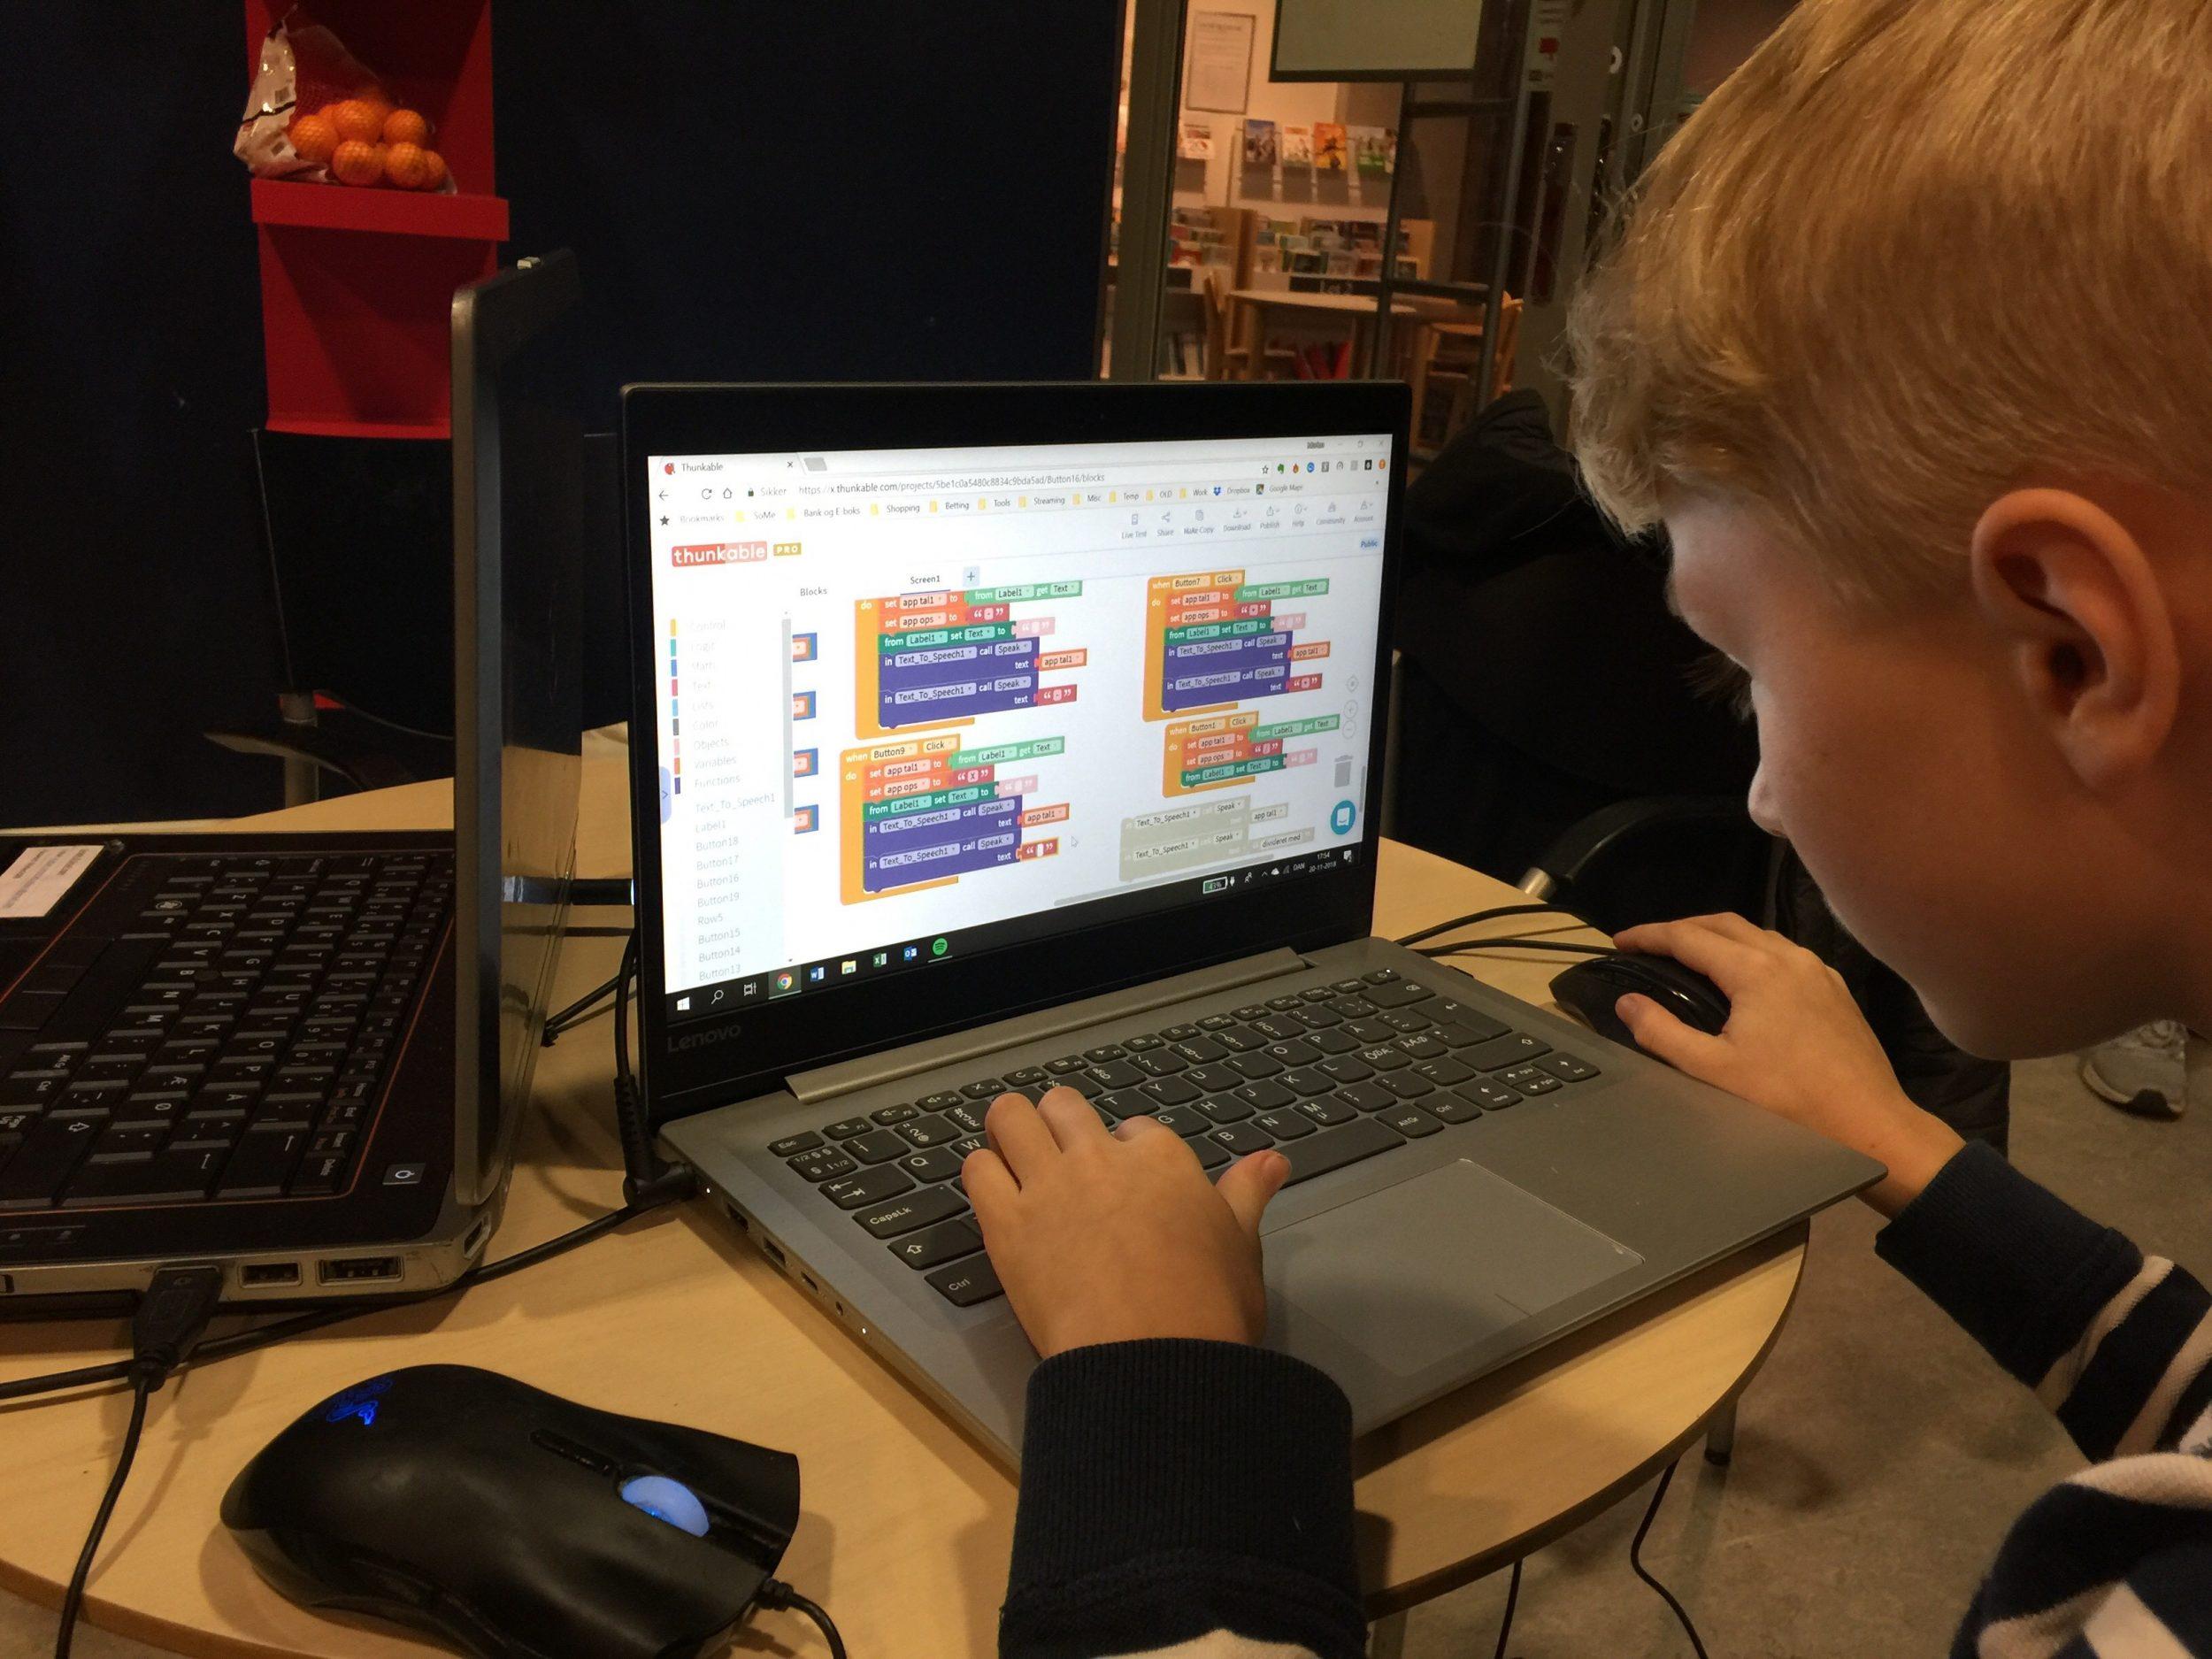 I Smørum lærer børn at kode helt fra 8-års alderen